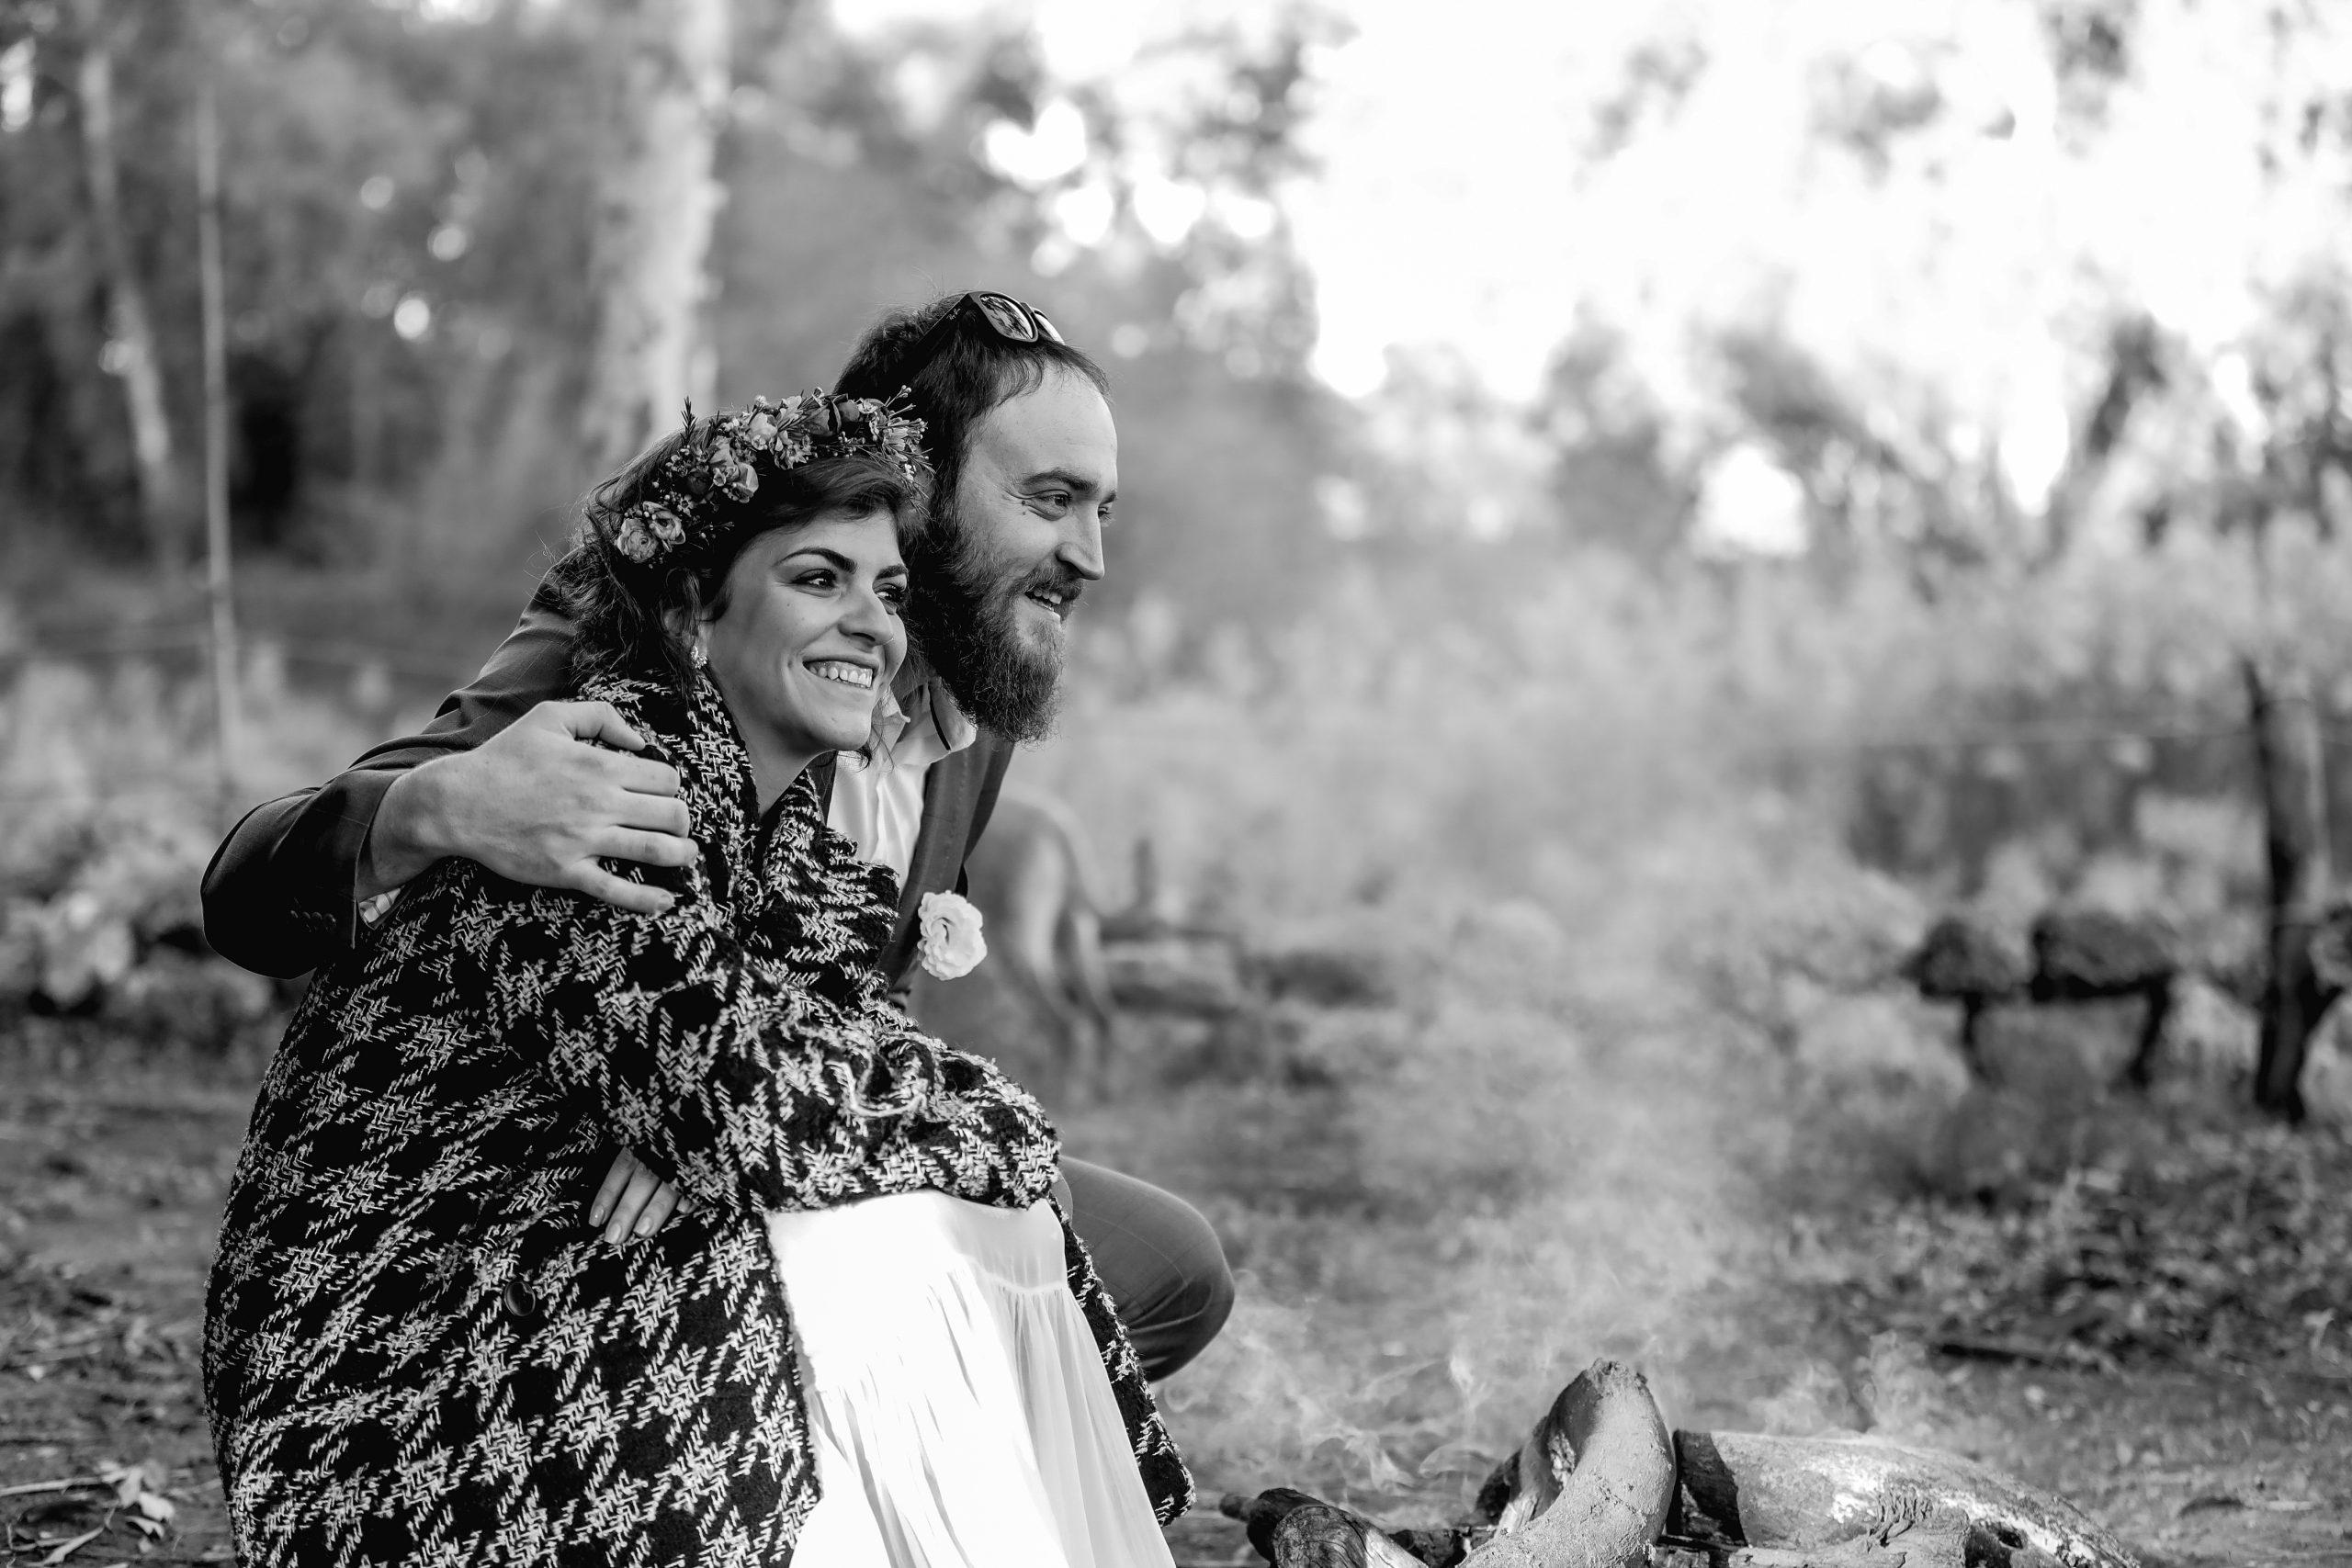 צלם רענן - נוף טבע וחתן וזוג ורומנטי